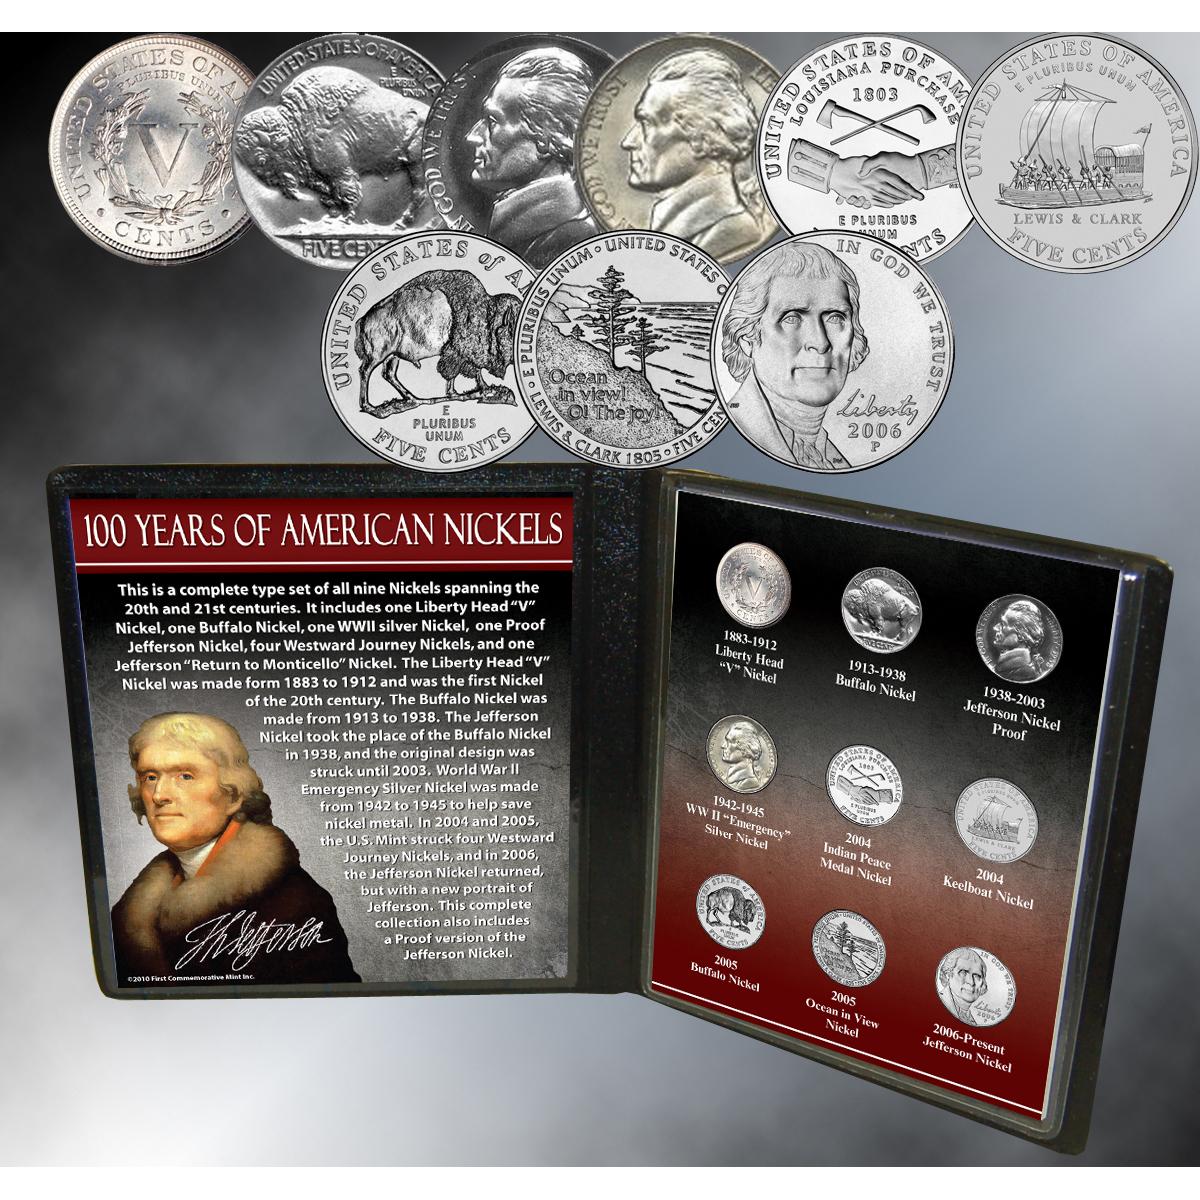 100 Years of American Nickels